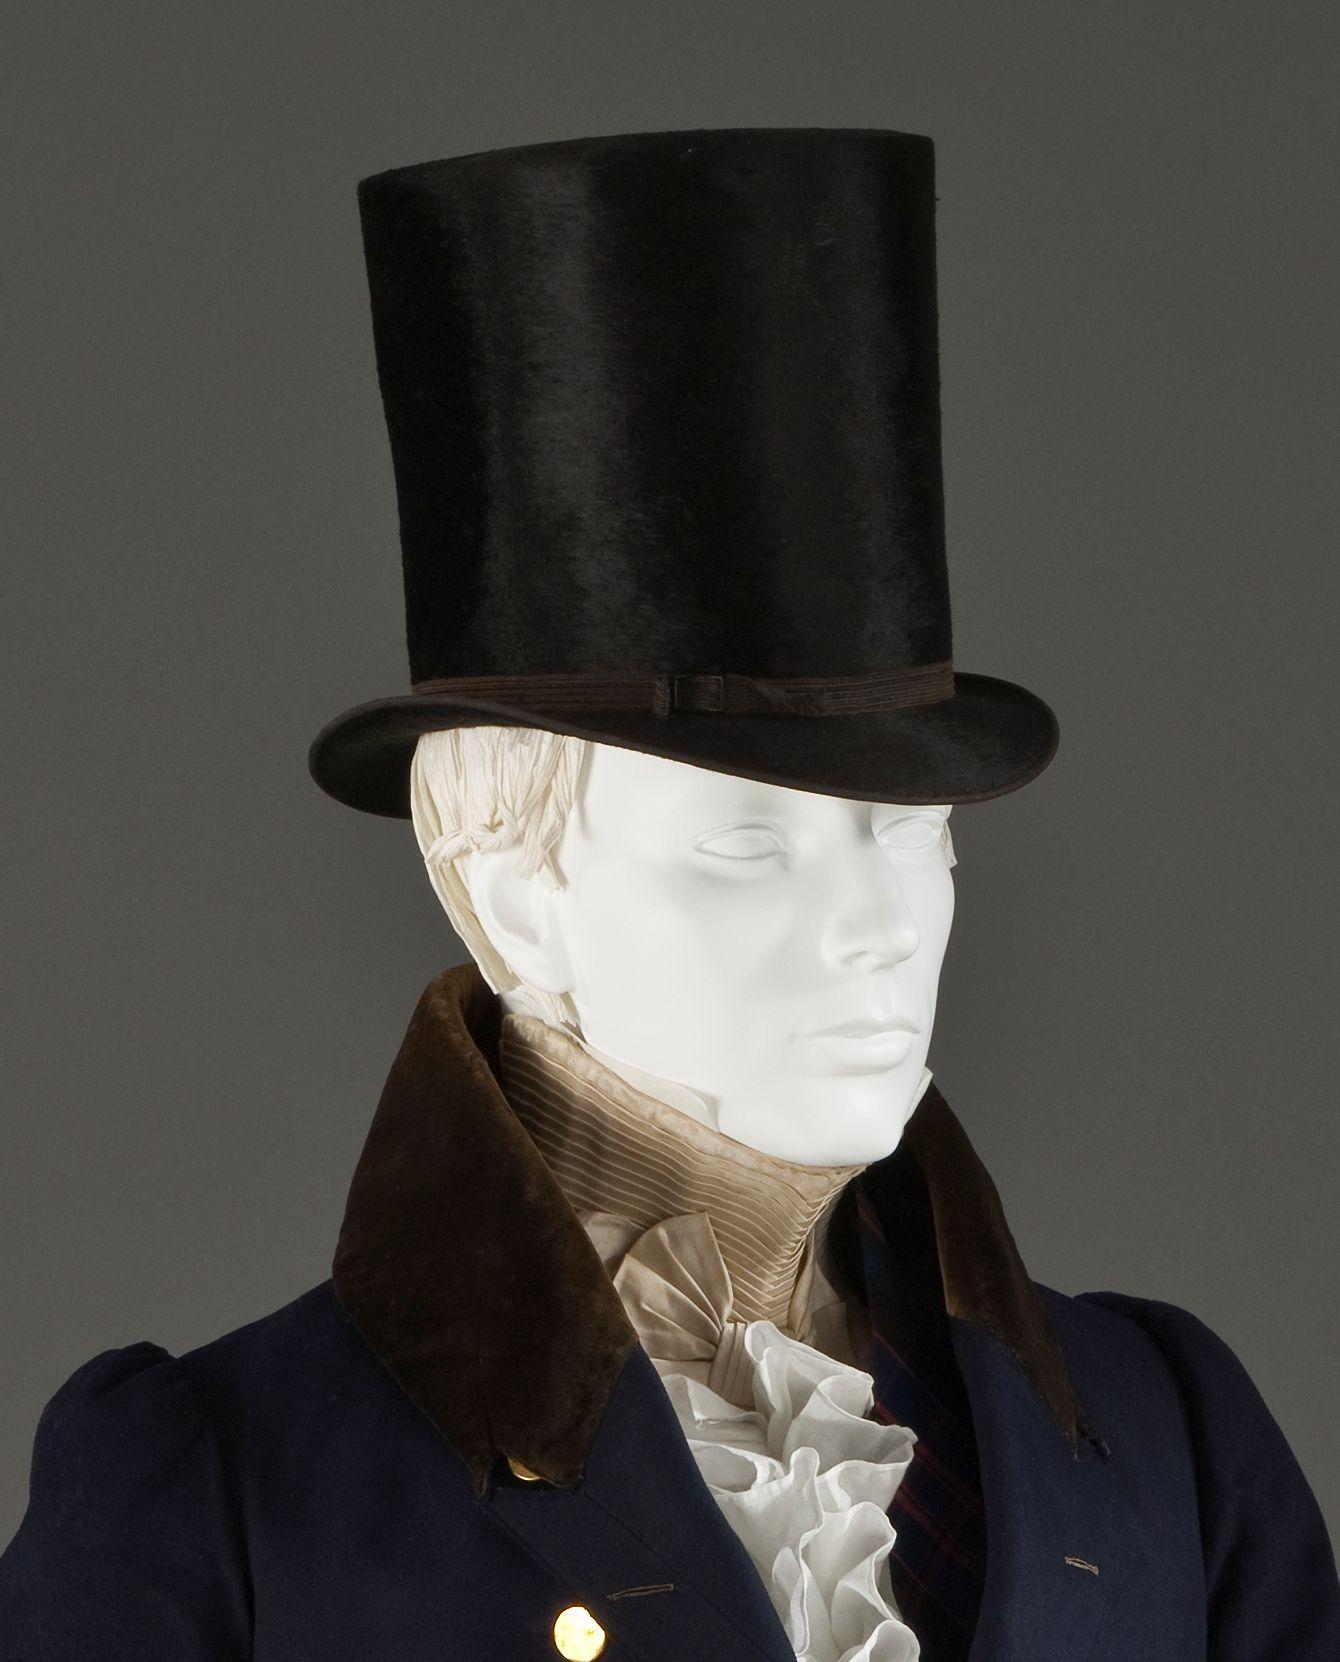 Necktie History The Origin Of Modern Necktie Fashion